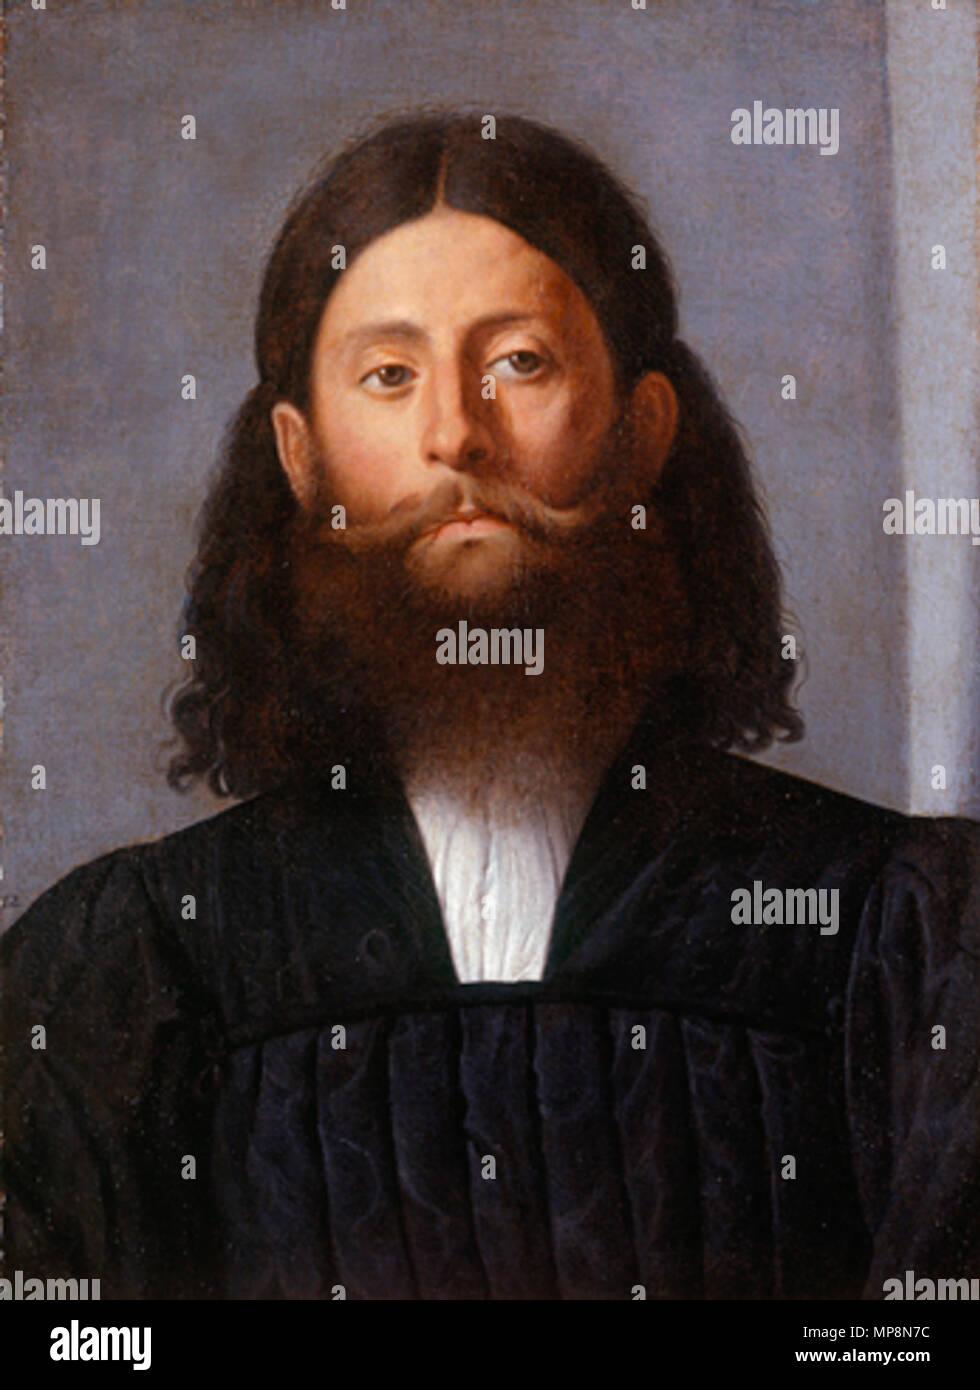 . Portrait of a bearded man (Giorgione Barbarelli) . circa 1512-15.   Lorenzo Lotto (1480–)   Description Italian painter and fresco painter  Date of birth/death circa 1480 1556 / 1557  Location of birth/death Venice Loreto  Work location Recanati (1506-1508), Venice (1500), Treviso (1503-1506), Rome (1509-1512), Bergamo (1513-1525), Venice (1513-1517), Treviso (1525-1527), Venice (1527-1529), Loreto, Venice (1529-1539), Treviso (1540-1549), Ancona (1549), Loreto (1556)  Authority control  : Q310973 VIAF:22165049 ISNI:0000 0001 2320 0265 ULAN:500015631 LCCN:n50042418 NLA:35692463 Worl - Stock Image